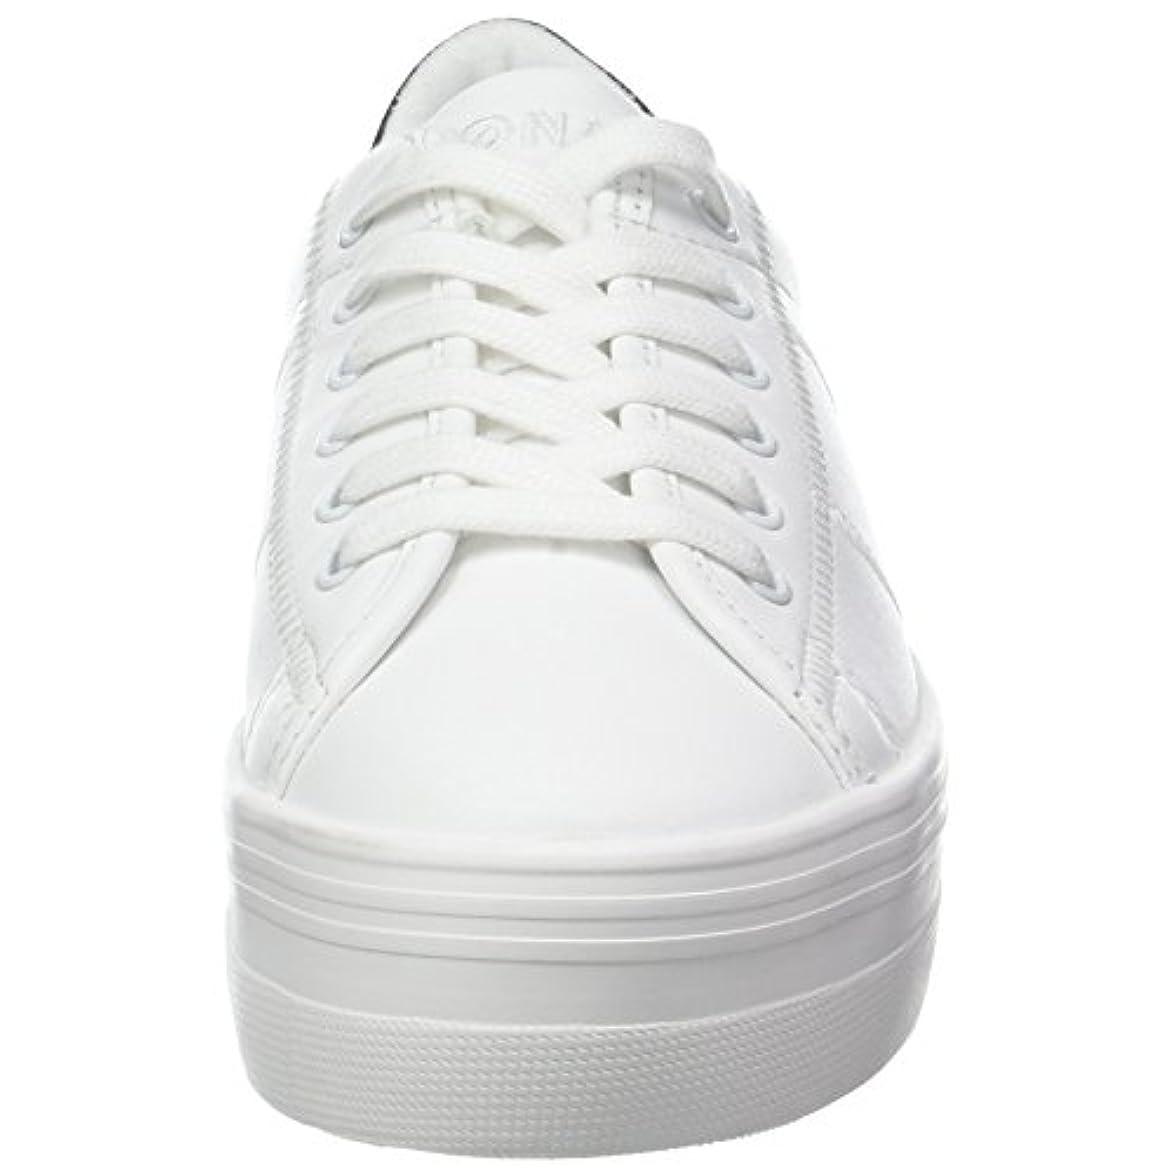 Noname Plato Sneaker Nappa patent Donna